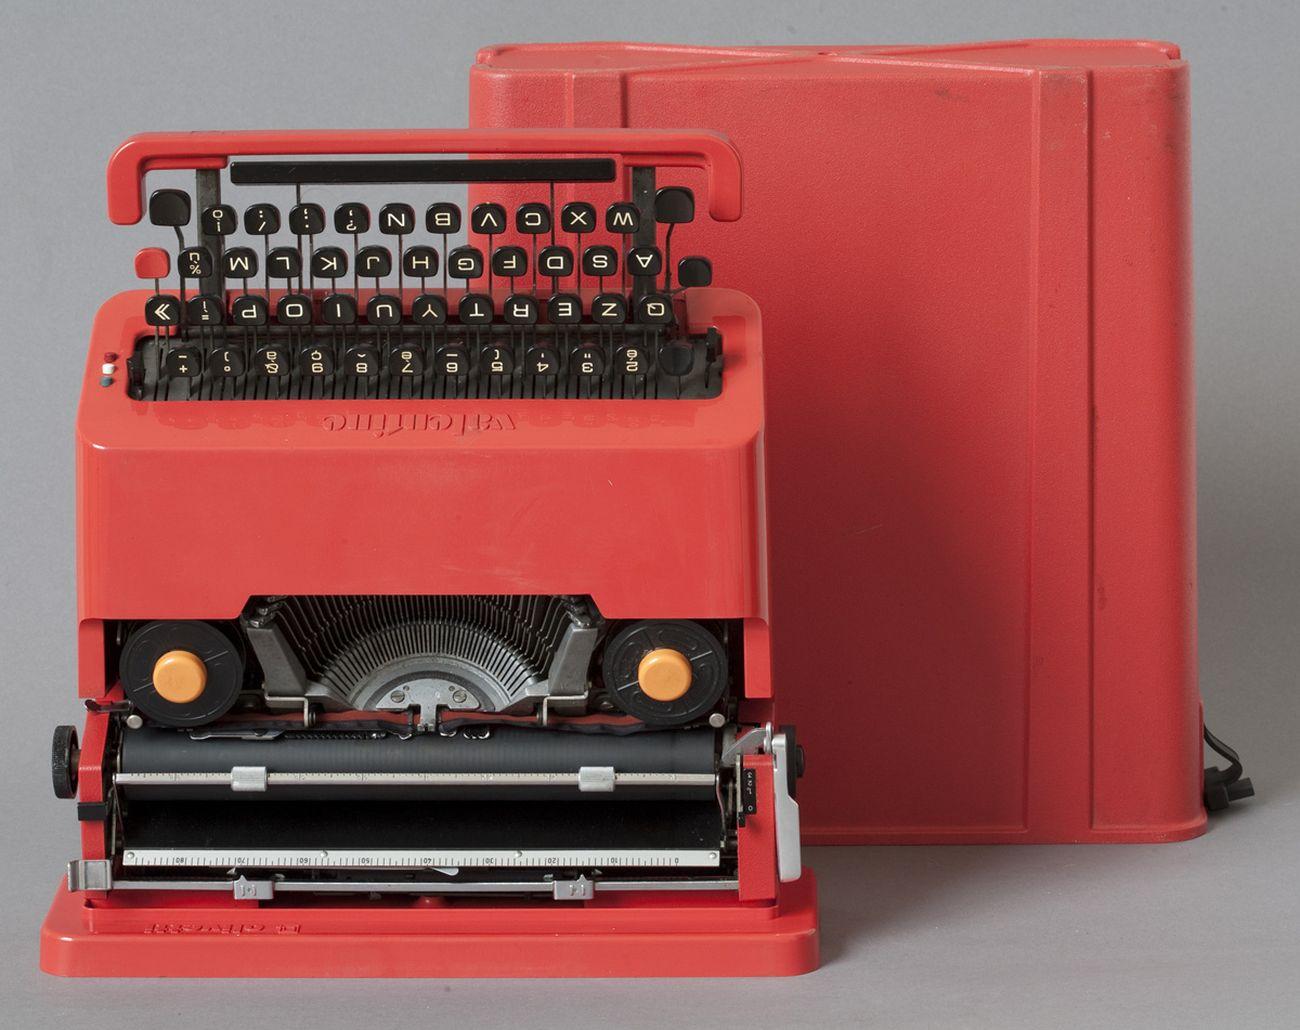 Carrozzeria e custodia, macchina da scrivere portatile Valentine, plastica rossa e metallo